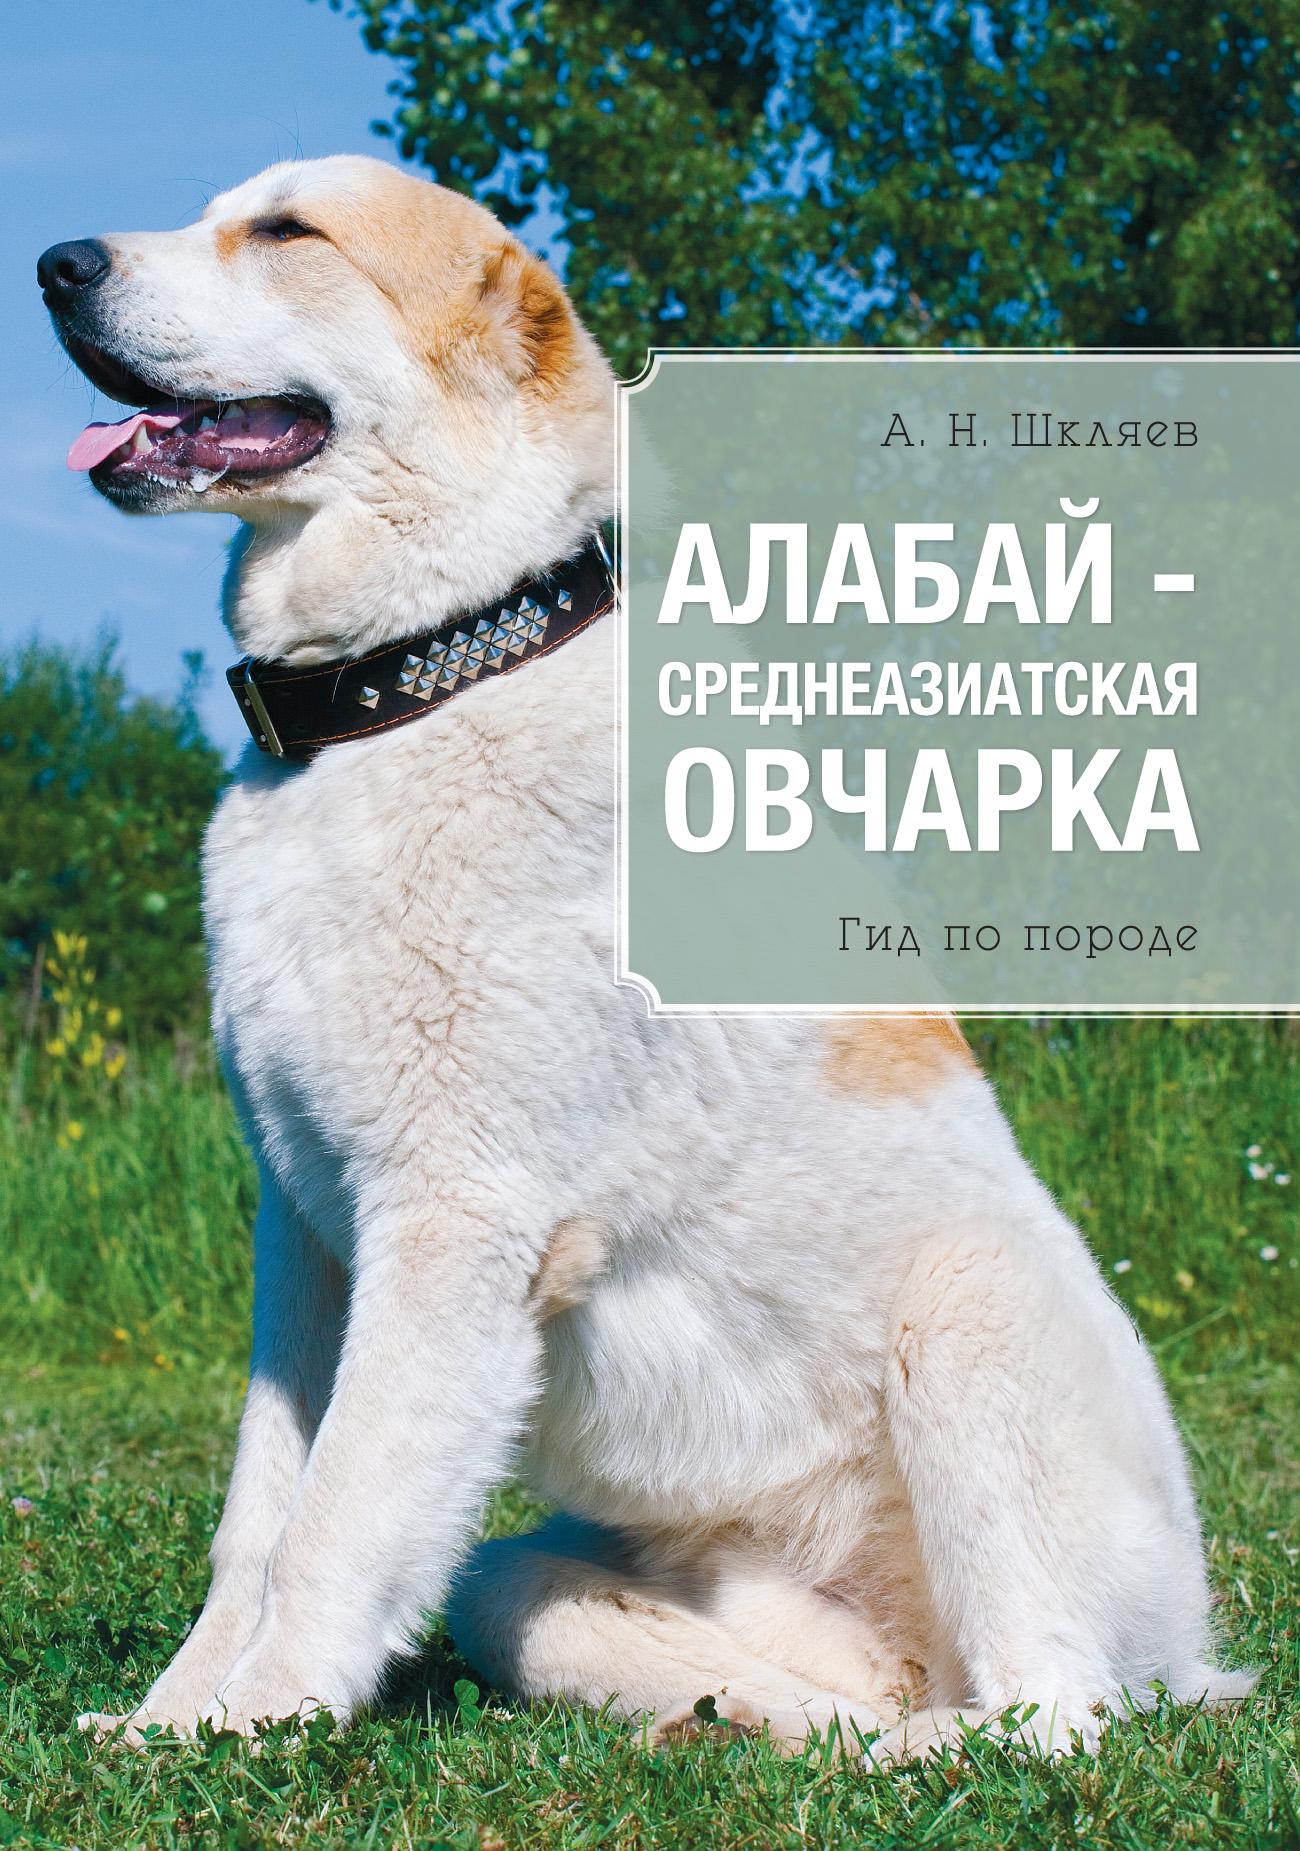 Андрей Шкляев Алабай – среднеазиатская овчарка светлана ермакова среднеазиатская овчарка